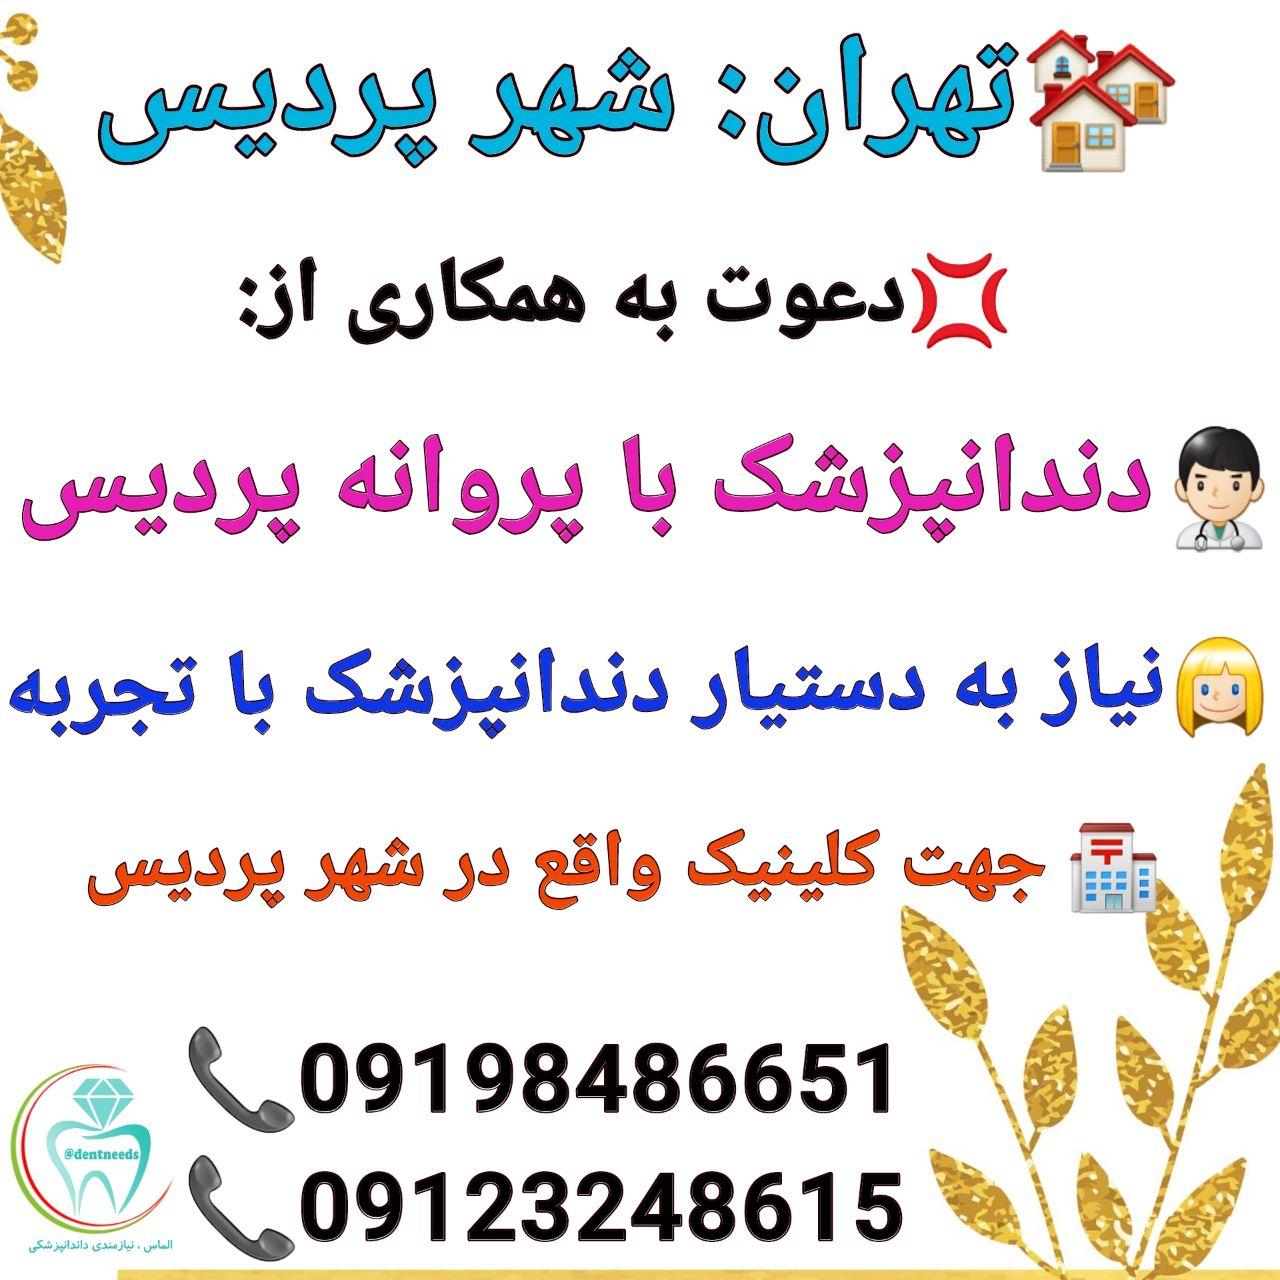 تهران: شهر پردیس، دعوت به همکاری از دندانپزشک، دستیار دندانپزشک